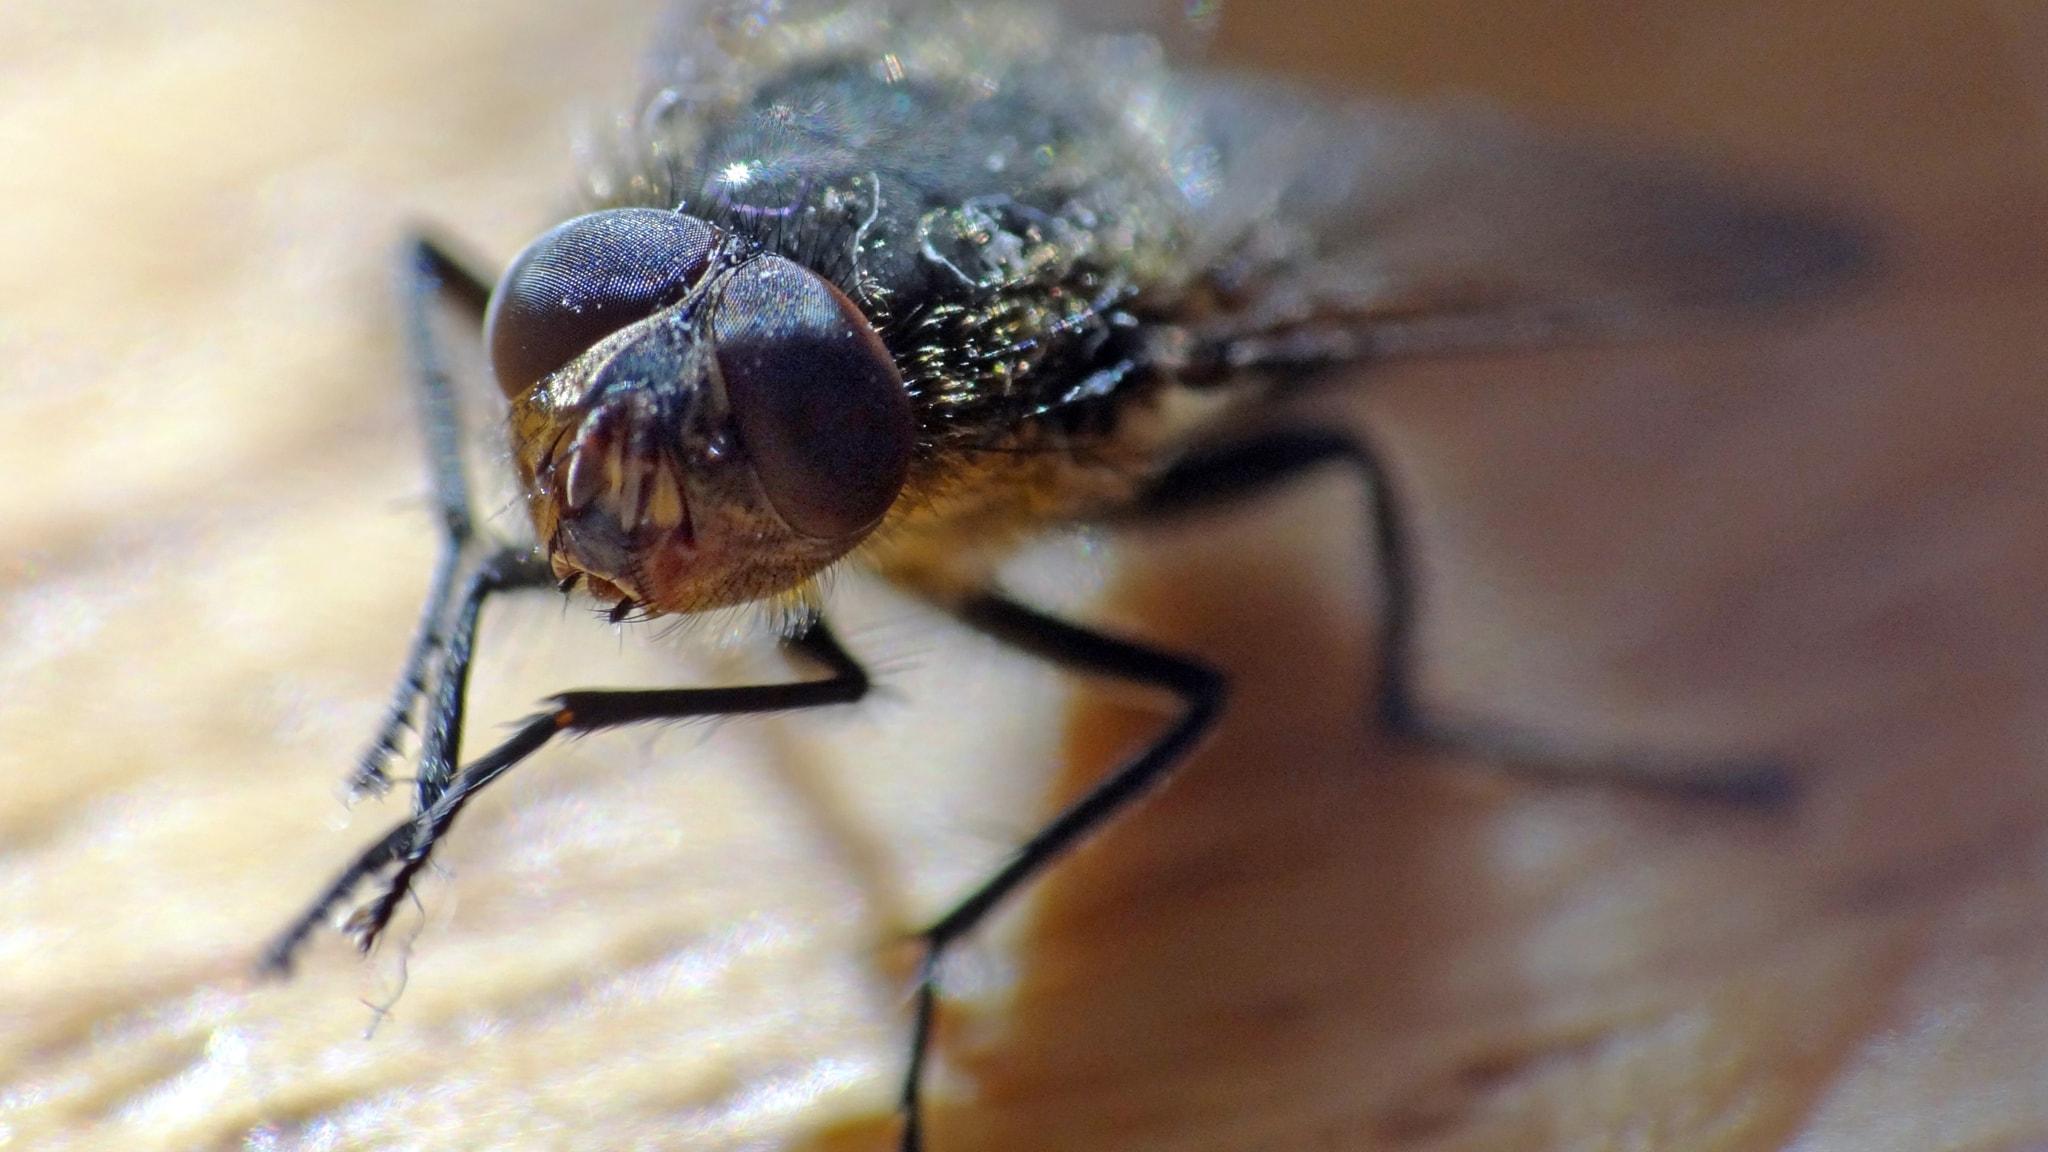 En fluga som gnuggar frambenen mot varandra.